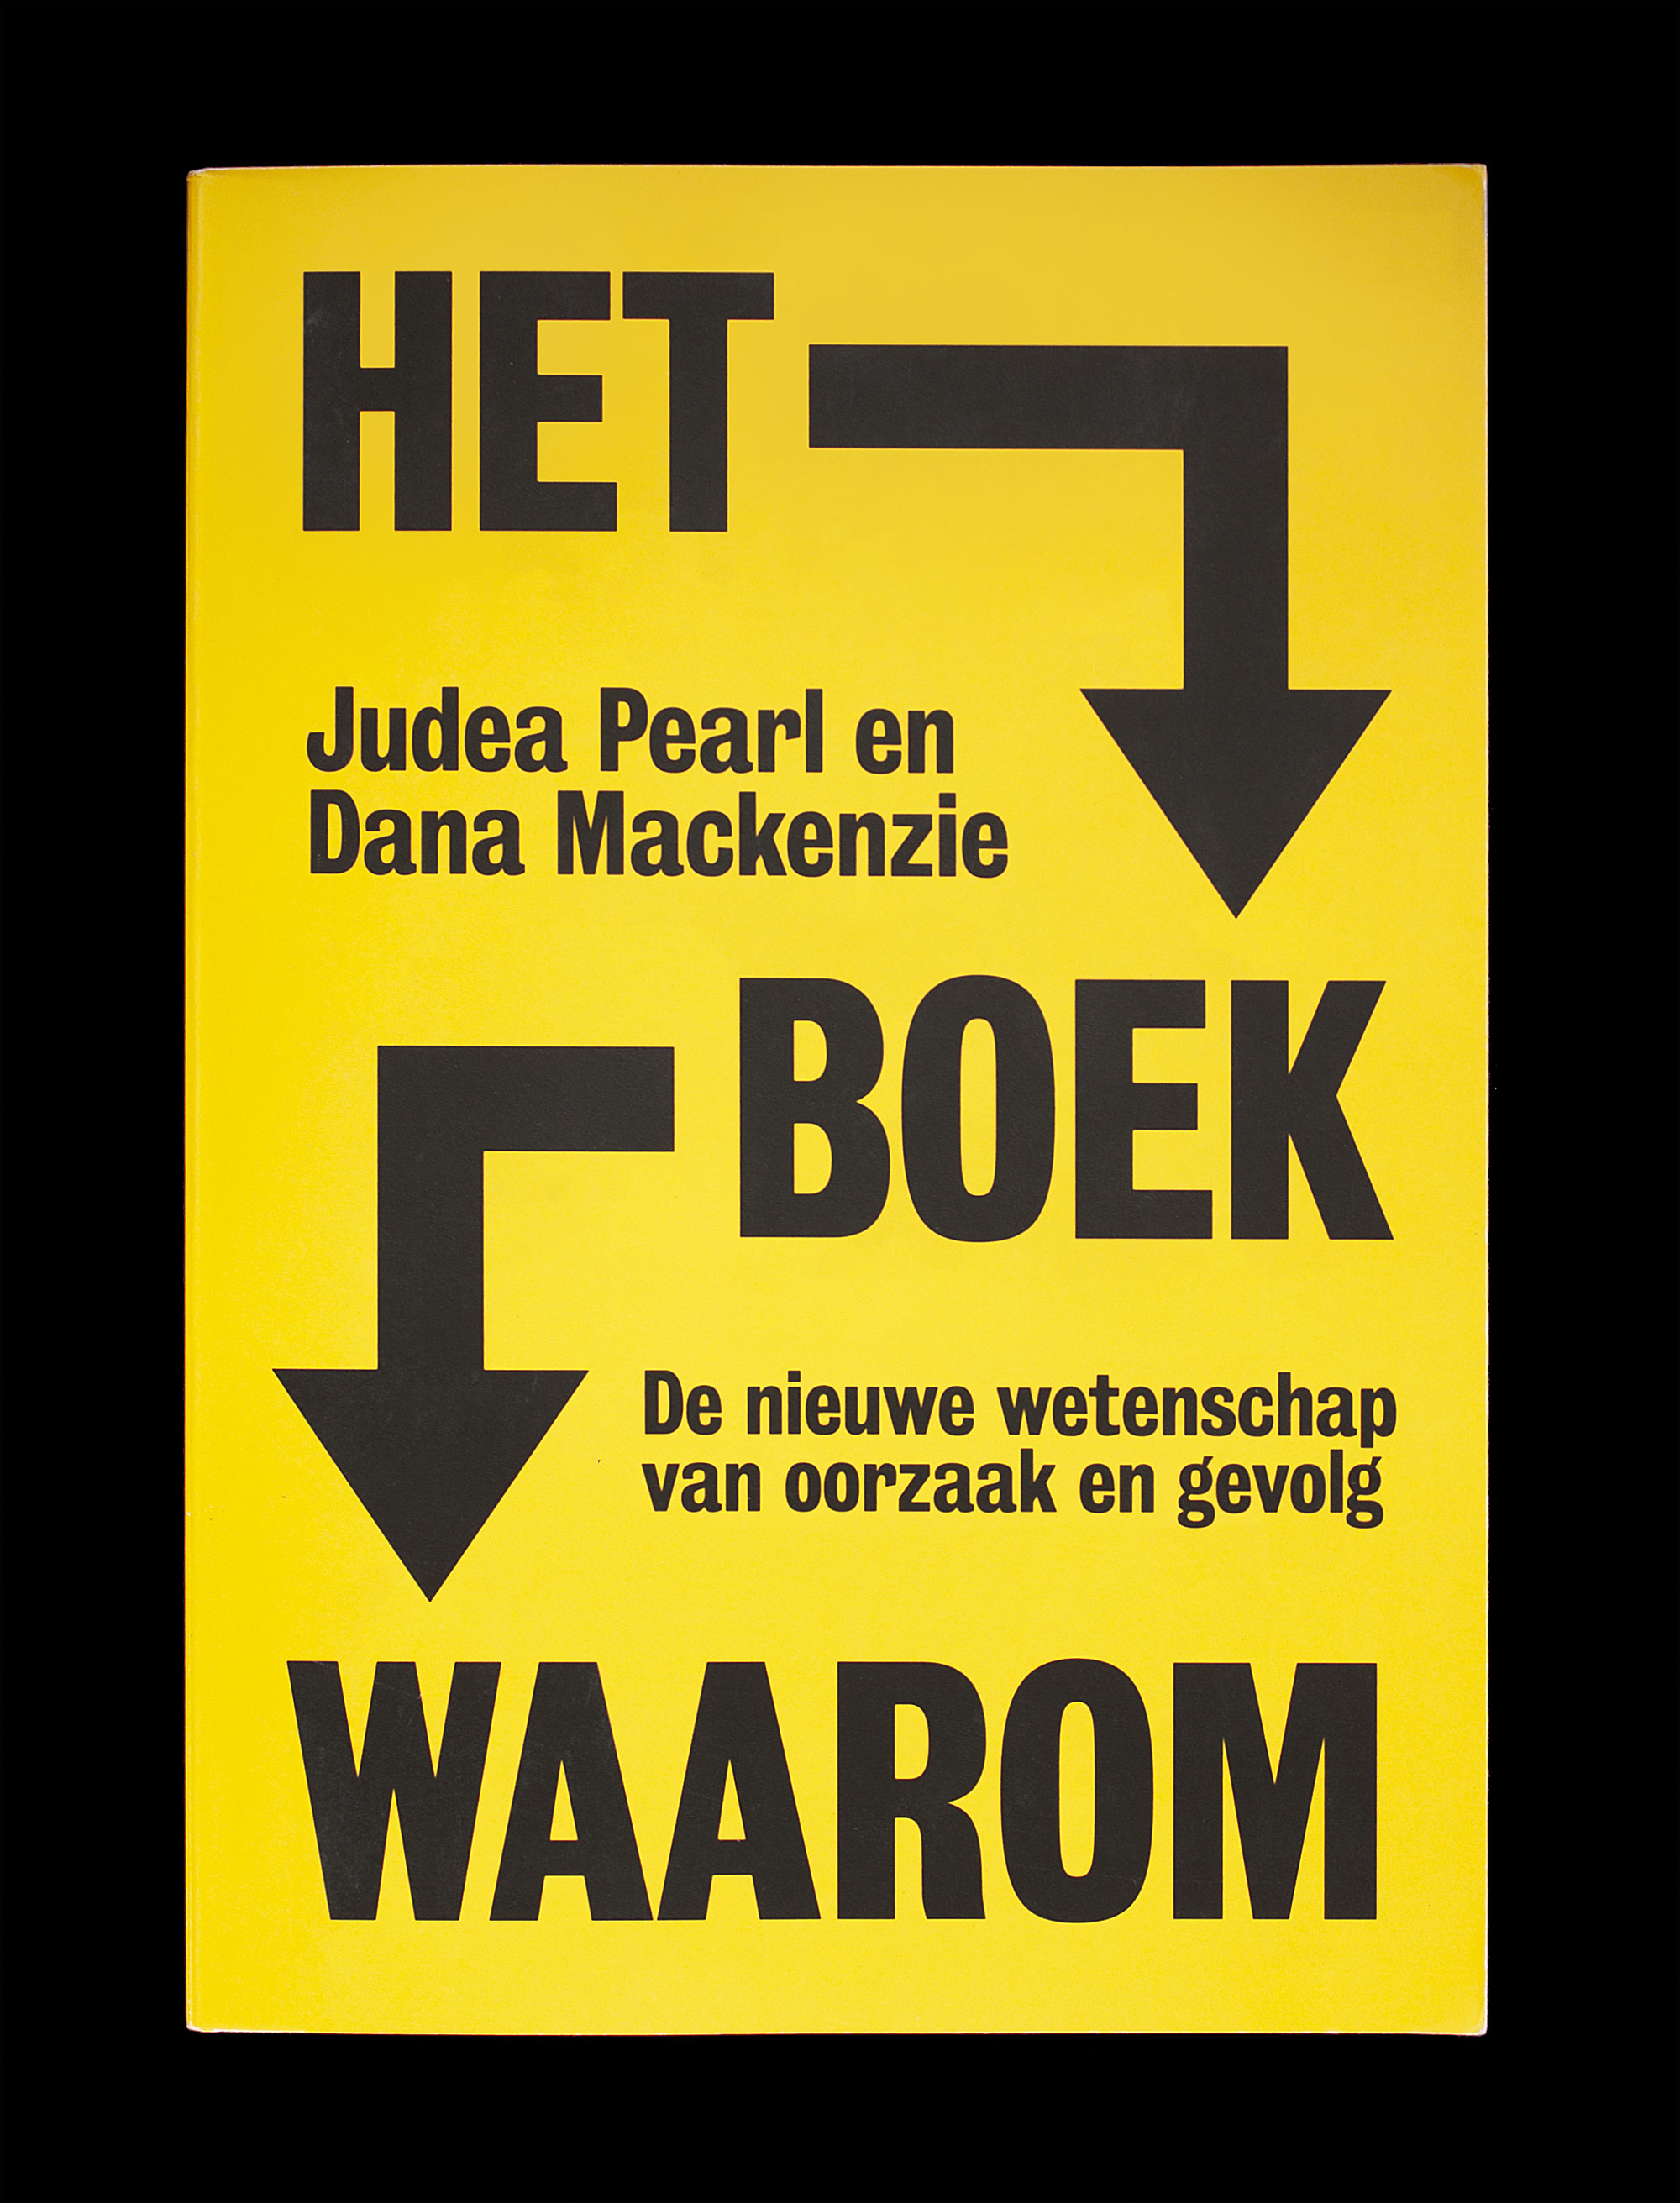 Matthijs Matt van Leeuwen, Het Boek Waarom, Judea Pearl, Bas Haring, Maven Publishing, Book Cover Design, Amsterdam, New York